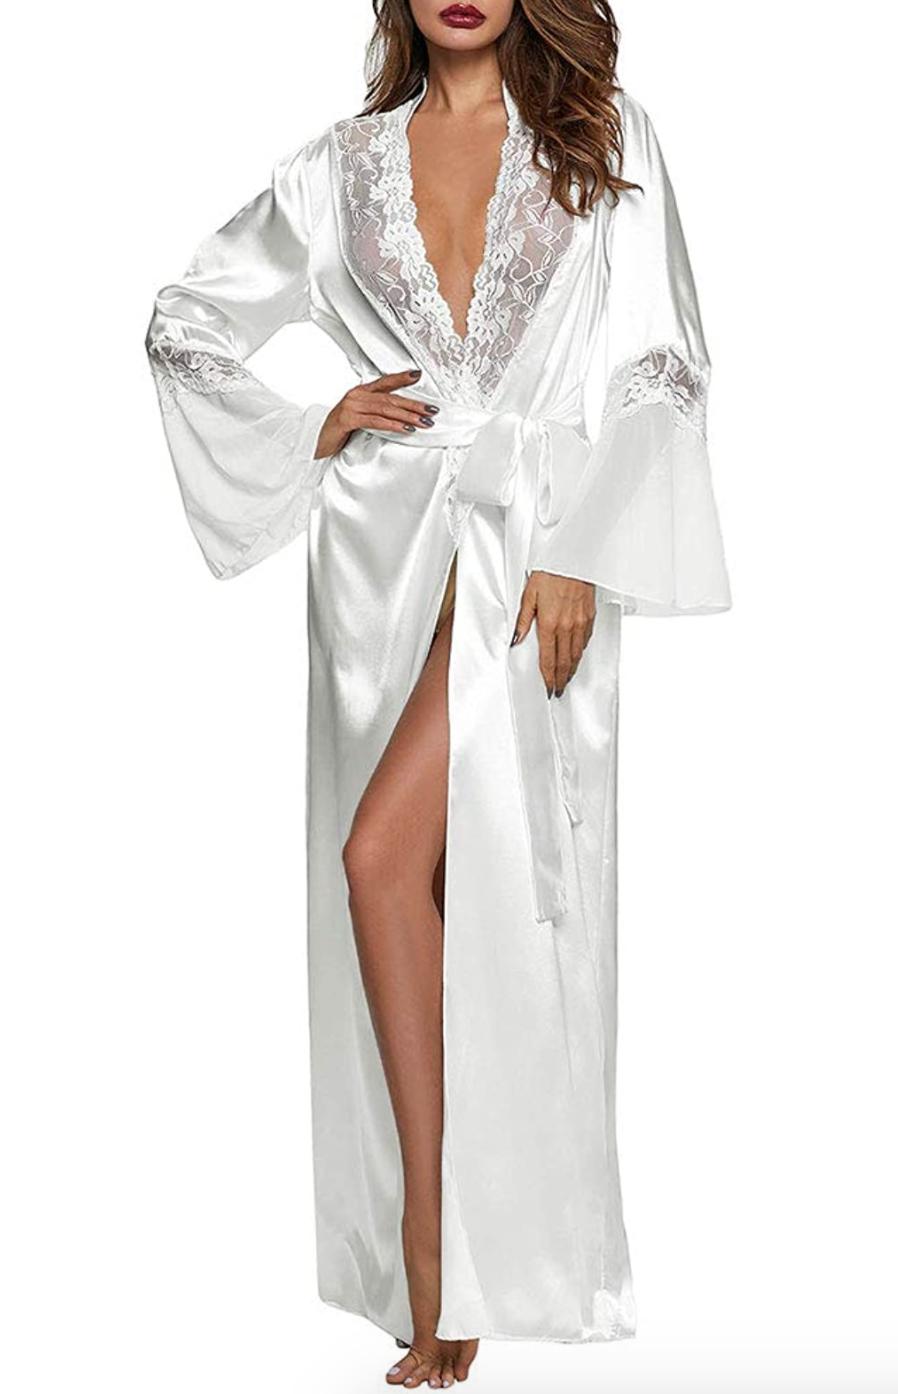 26 Bridal Robes Guaranteed To Make You Swoon